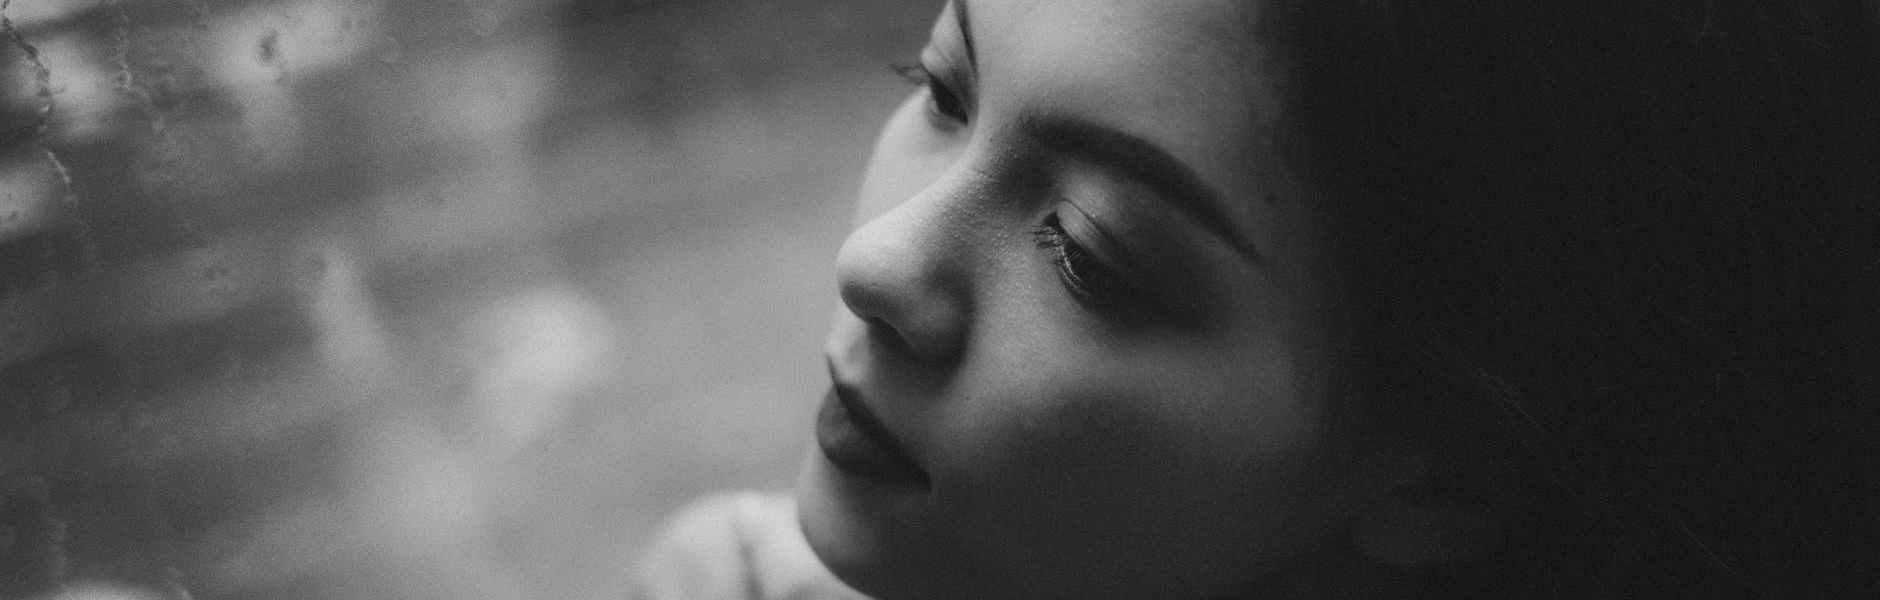 Mir je najveća dragocjenost, dreamy teen girl sitting near wet window